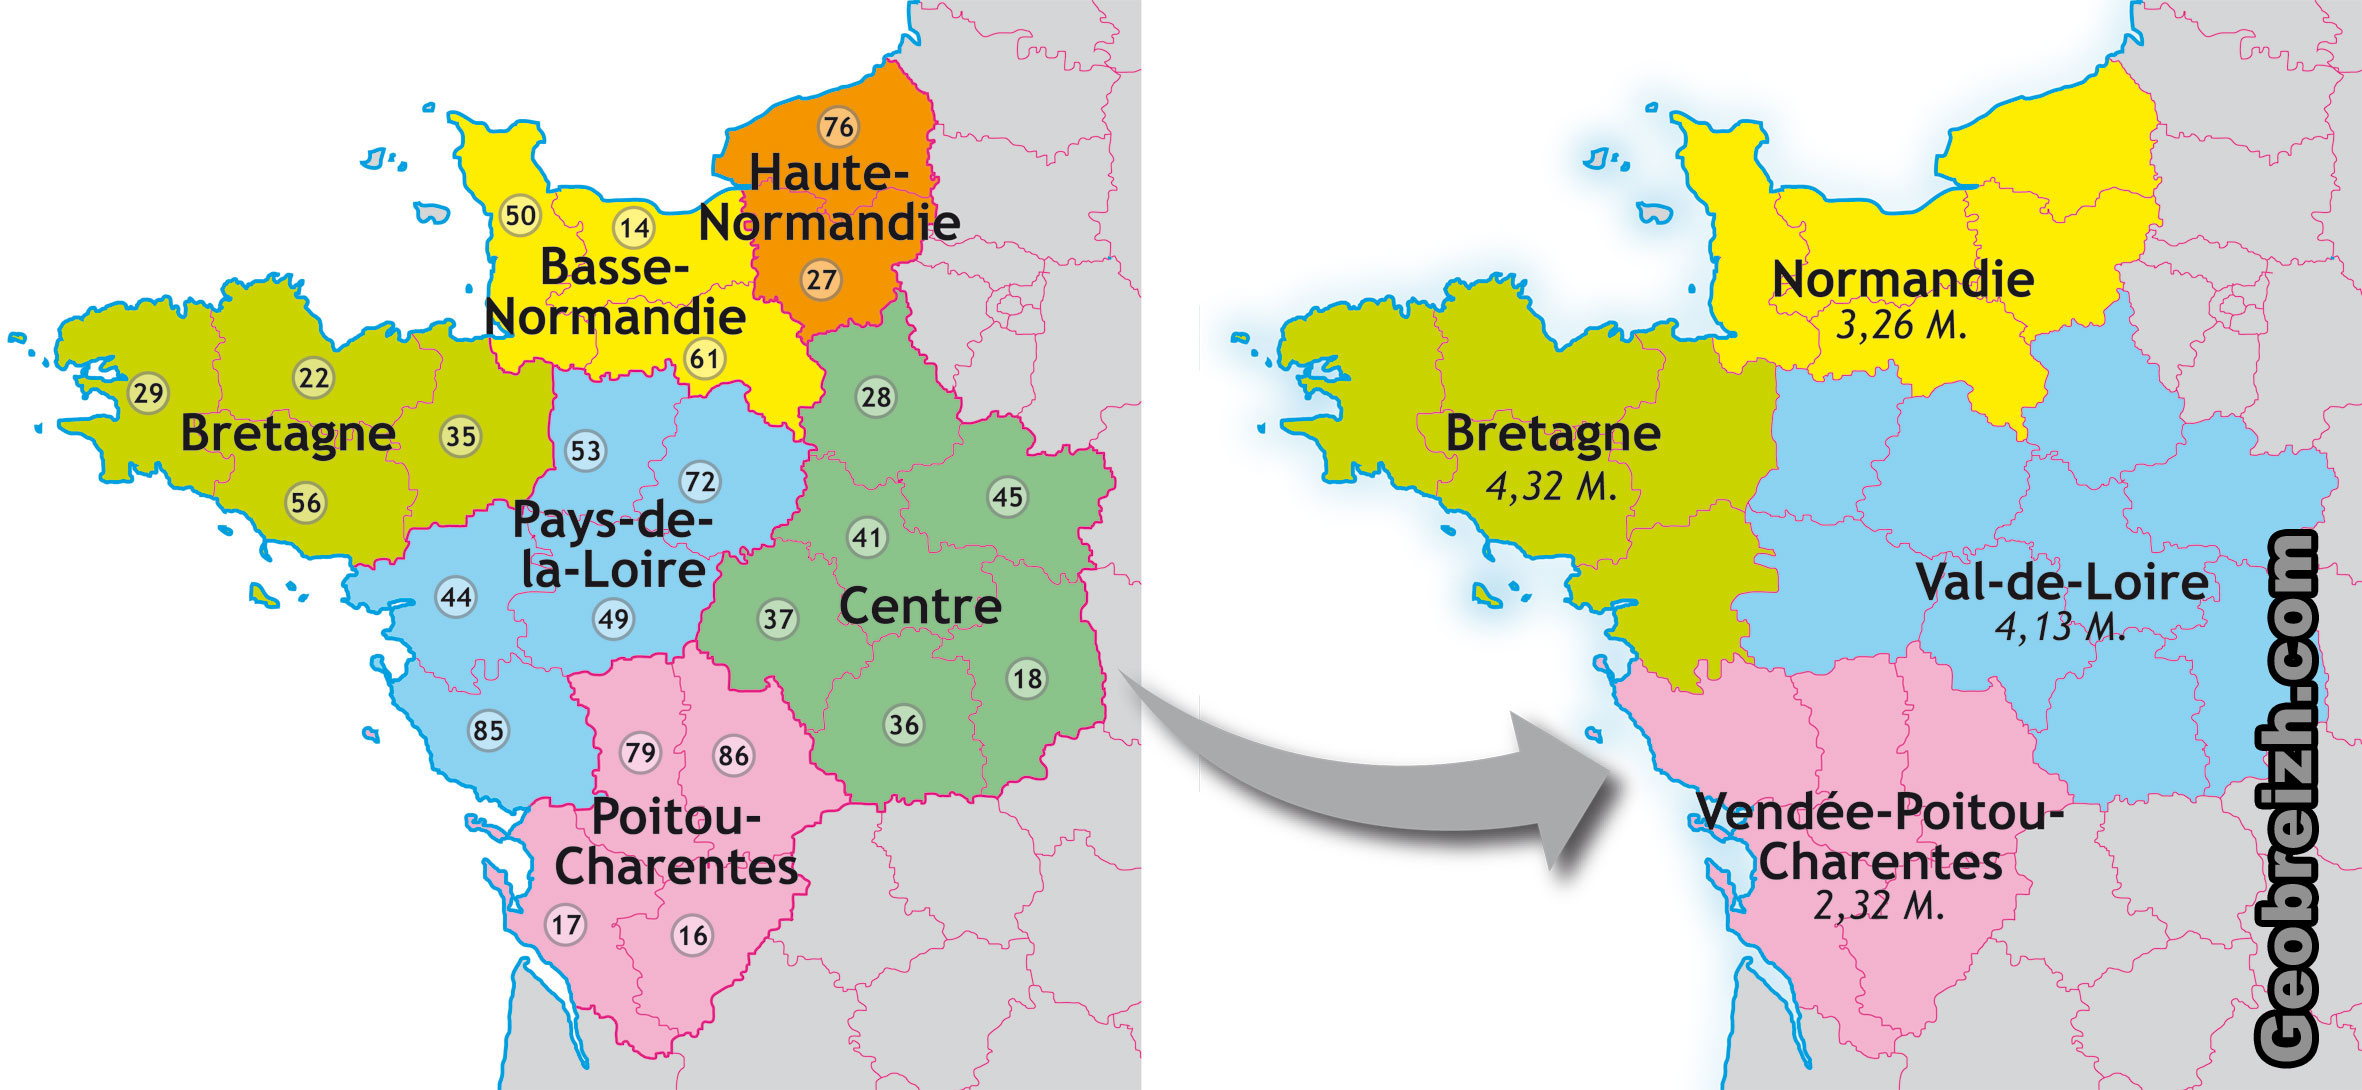 Département | 44=BREIZH - POUR LA RÉUNIFICATION DE LA BRETAGNE